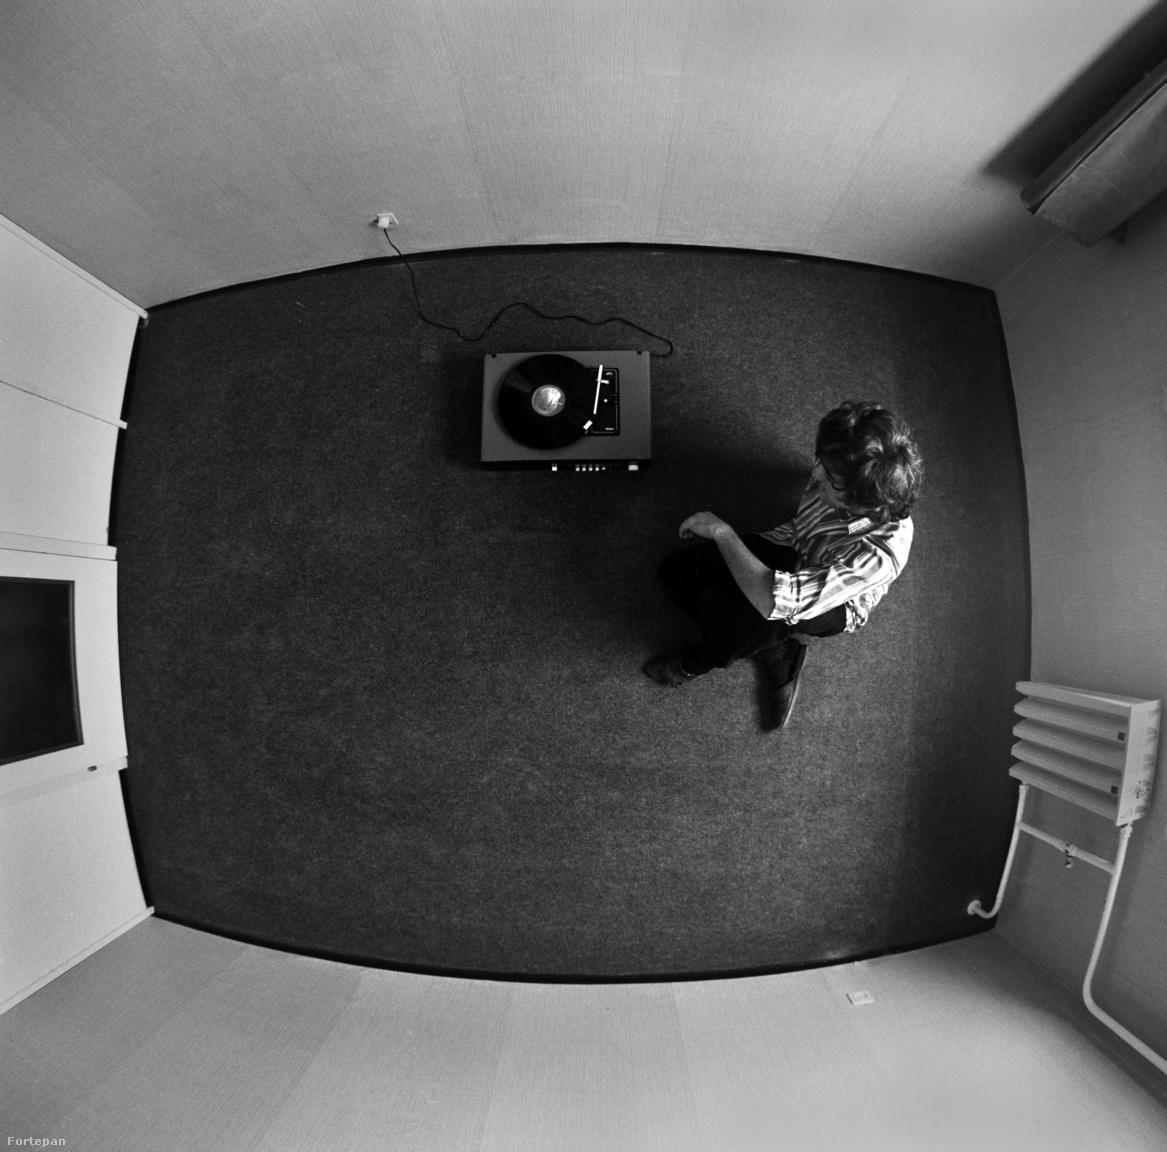 Ez a kép Horváth Péter talán kedvenc képe a sorozatból. Sokan kérdezik tőle, hogy milyen trükkel csinálta a képet, de nekünk elmesélte a bűvésztrükköt: egyszerűen a csillárnak kirakott kampóra akasztotta a fényképezőgépét, beállította időzítőre és kiszaladt a szobából, ahol egy barátja és a lakás első és legfontosabb tárgya, egy lemezjátszó látható.